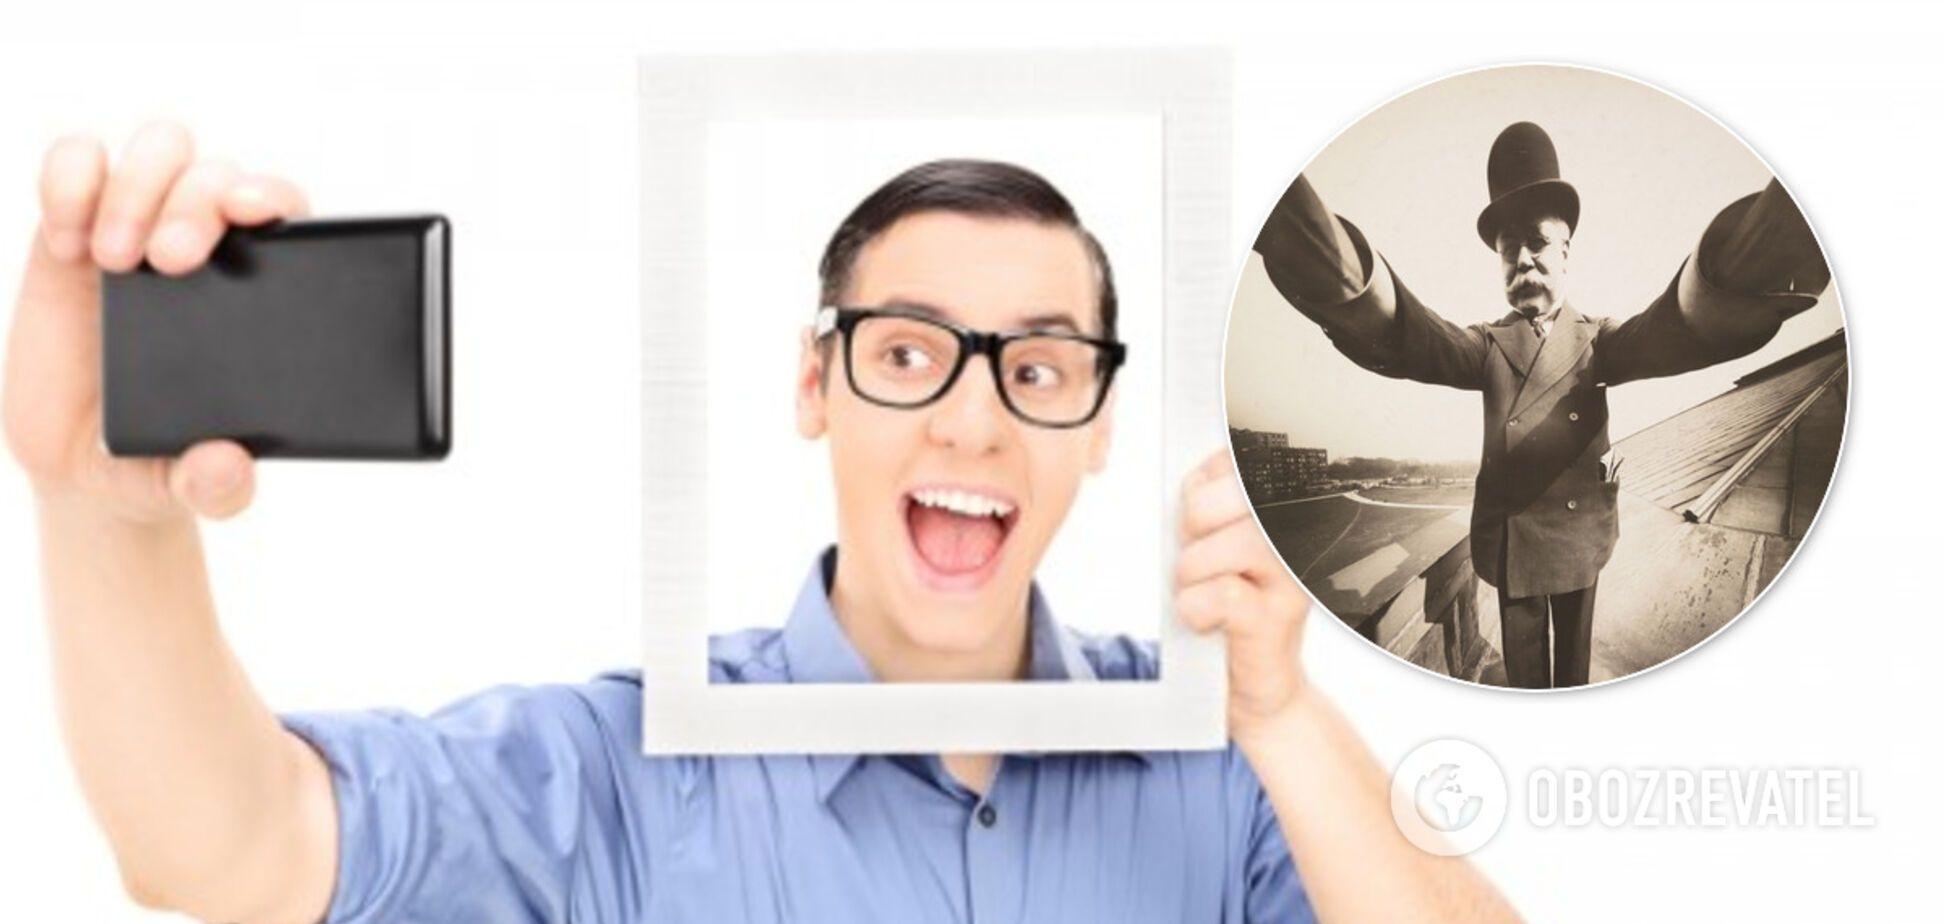 Як виглядало перше в світі селфі: спливло фото і його історія